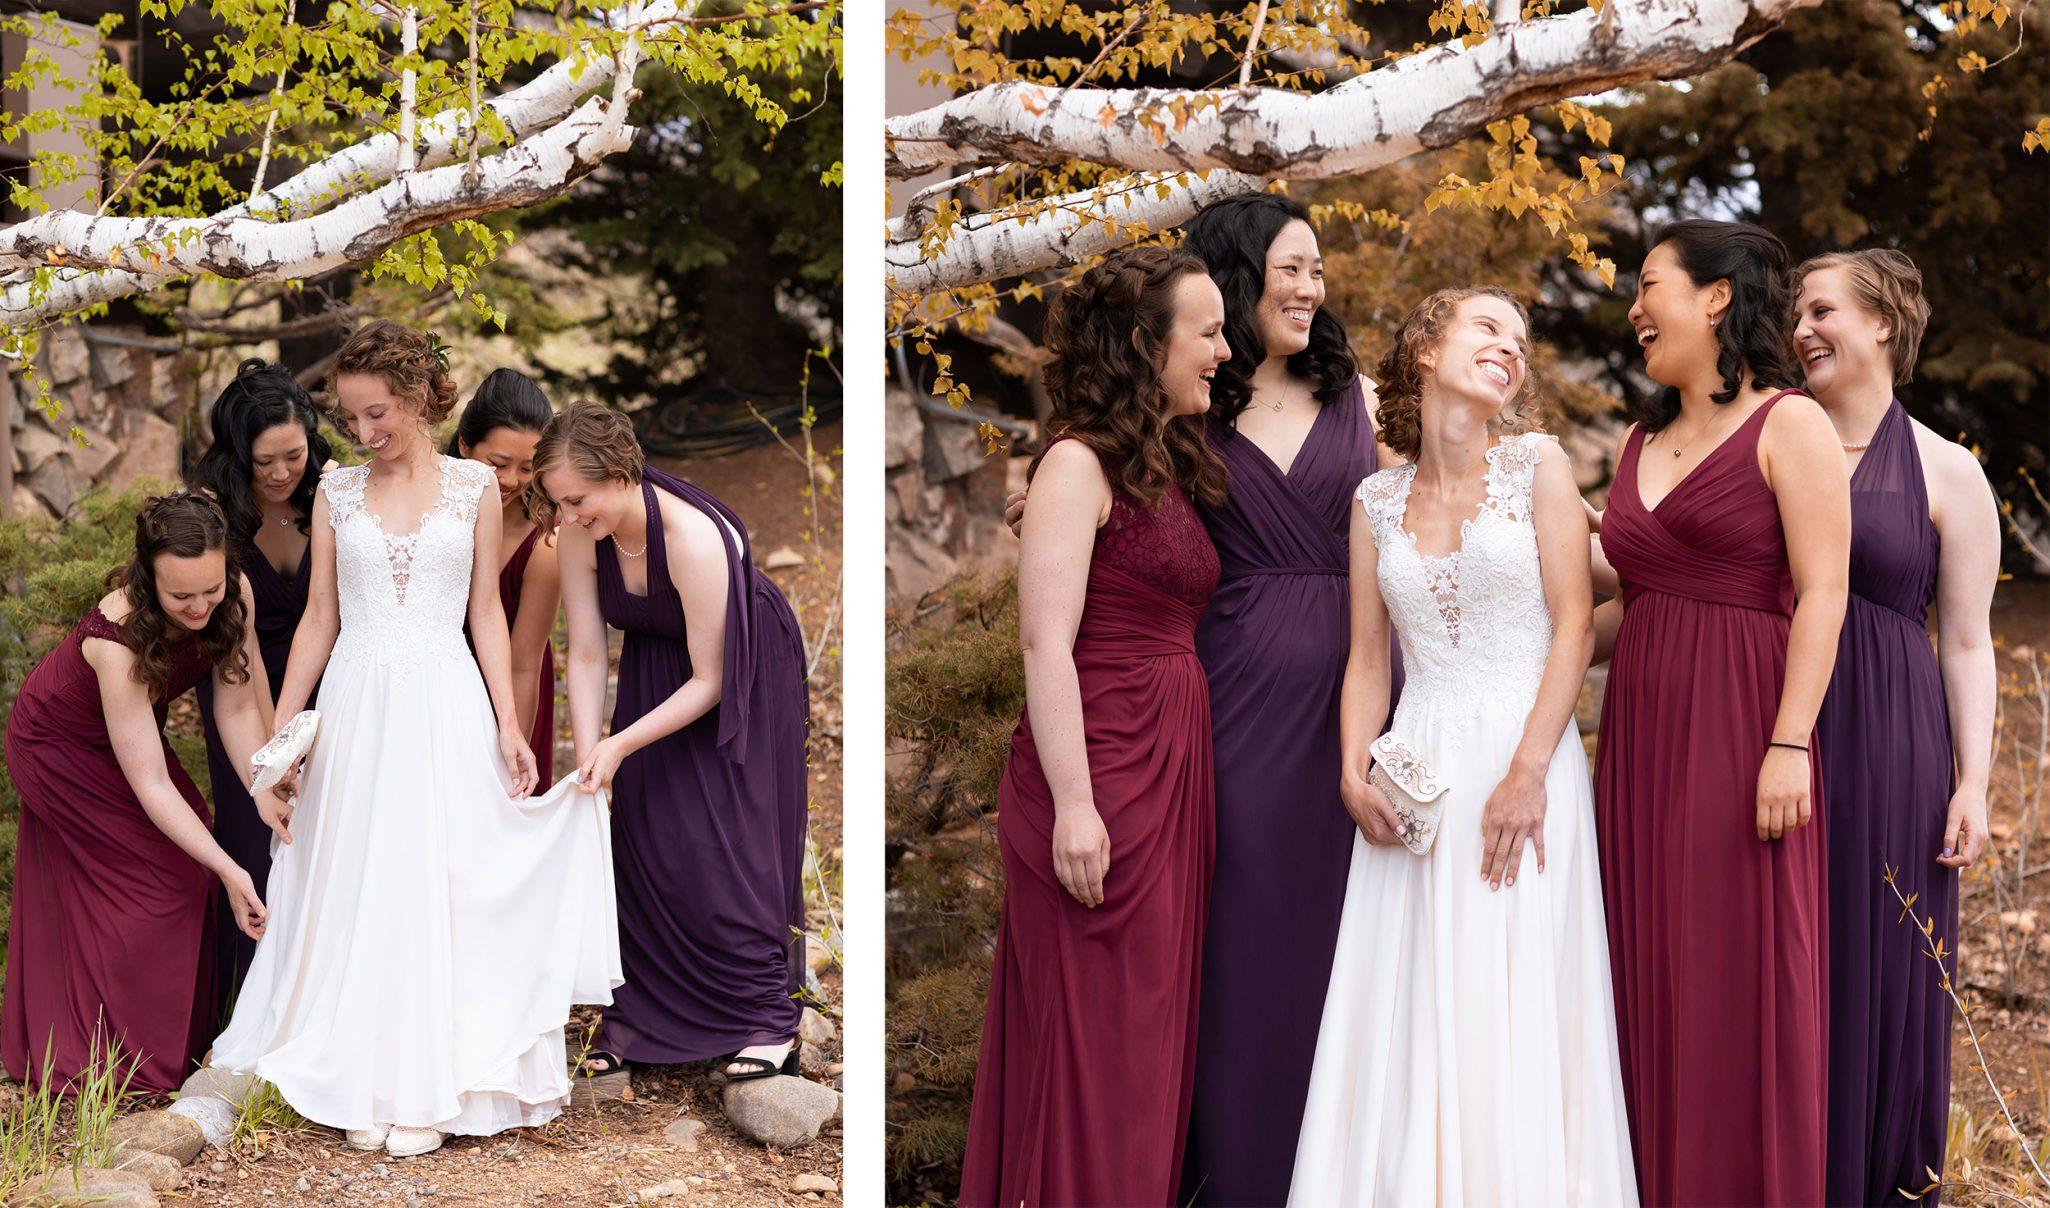 Bridesmaids in plum and wine